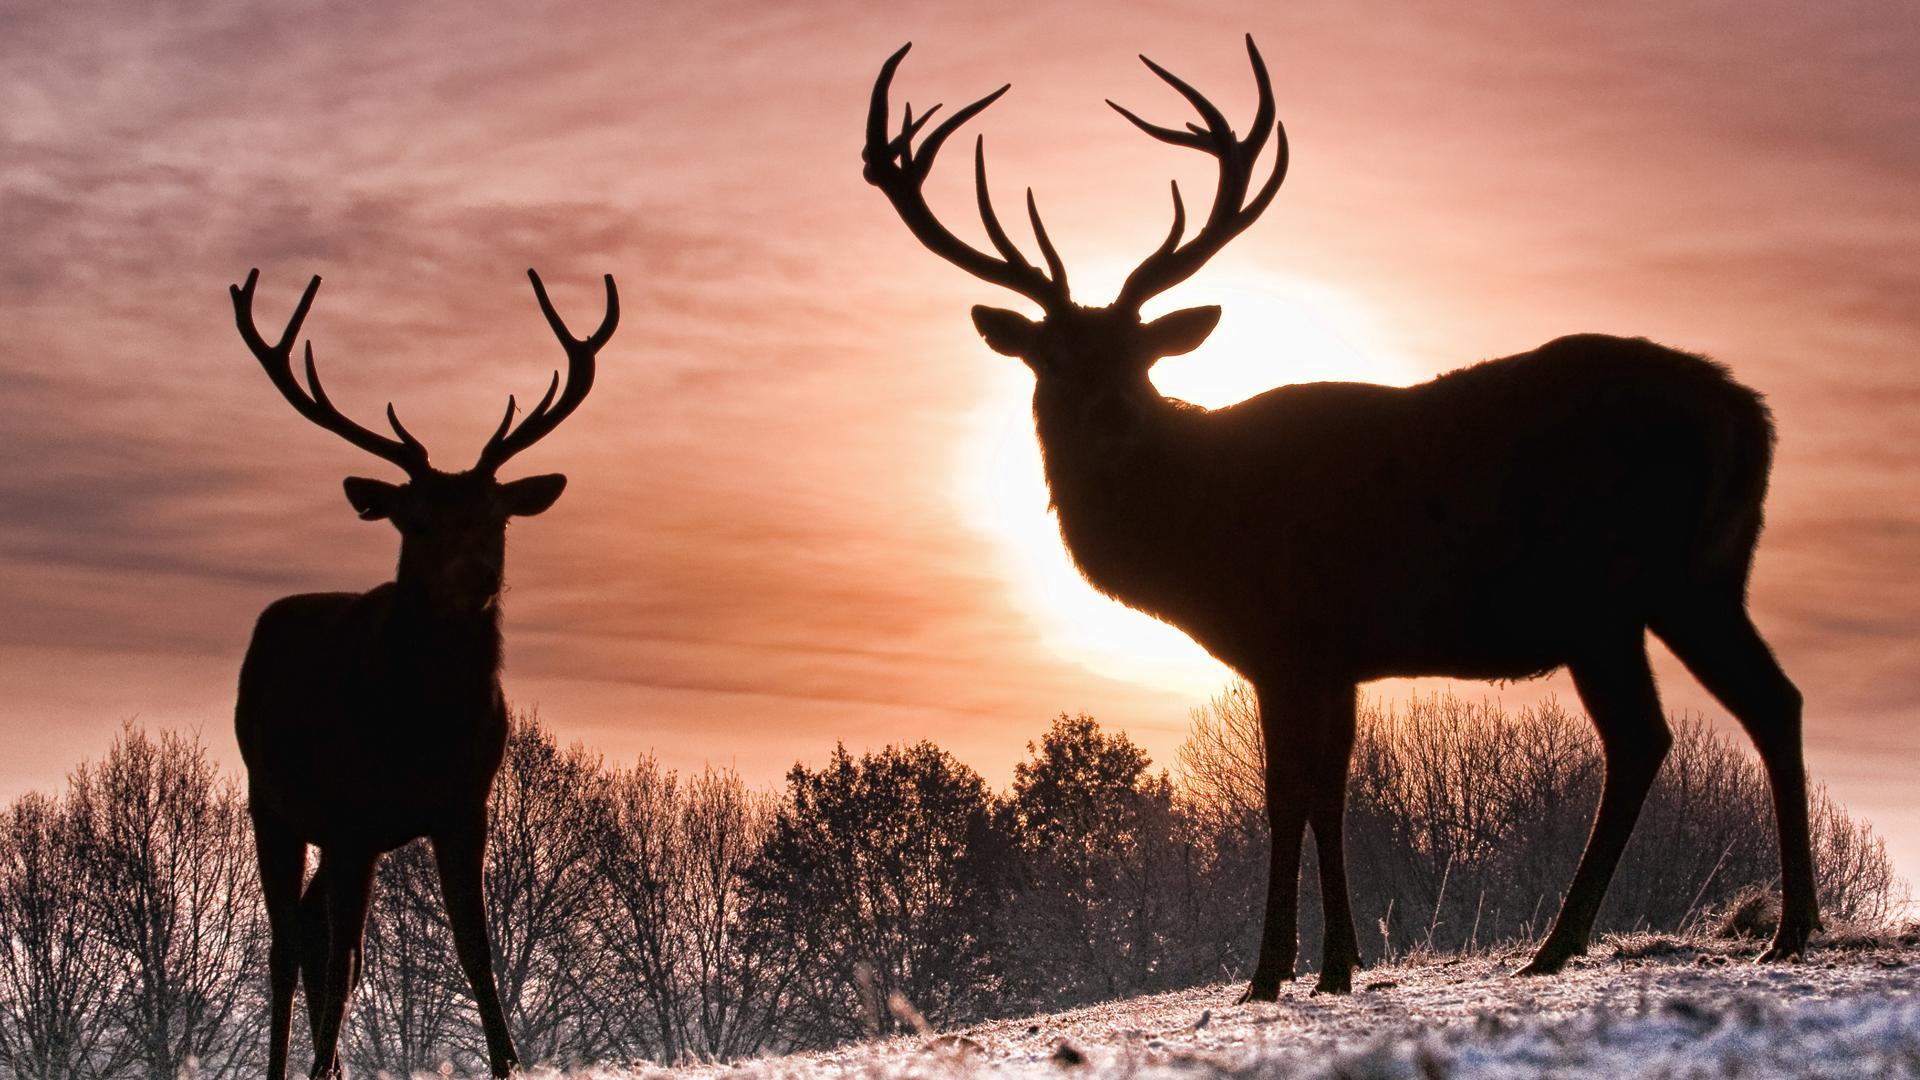 wallpapers deer